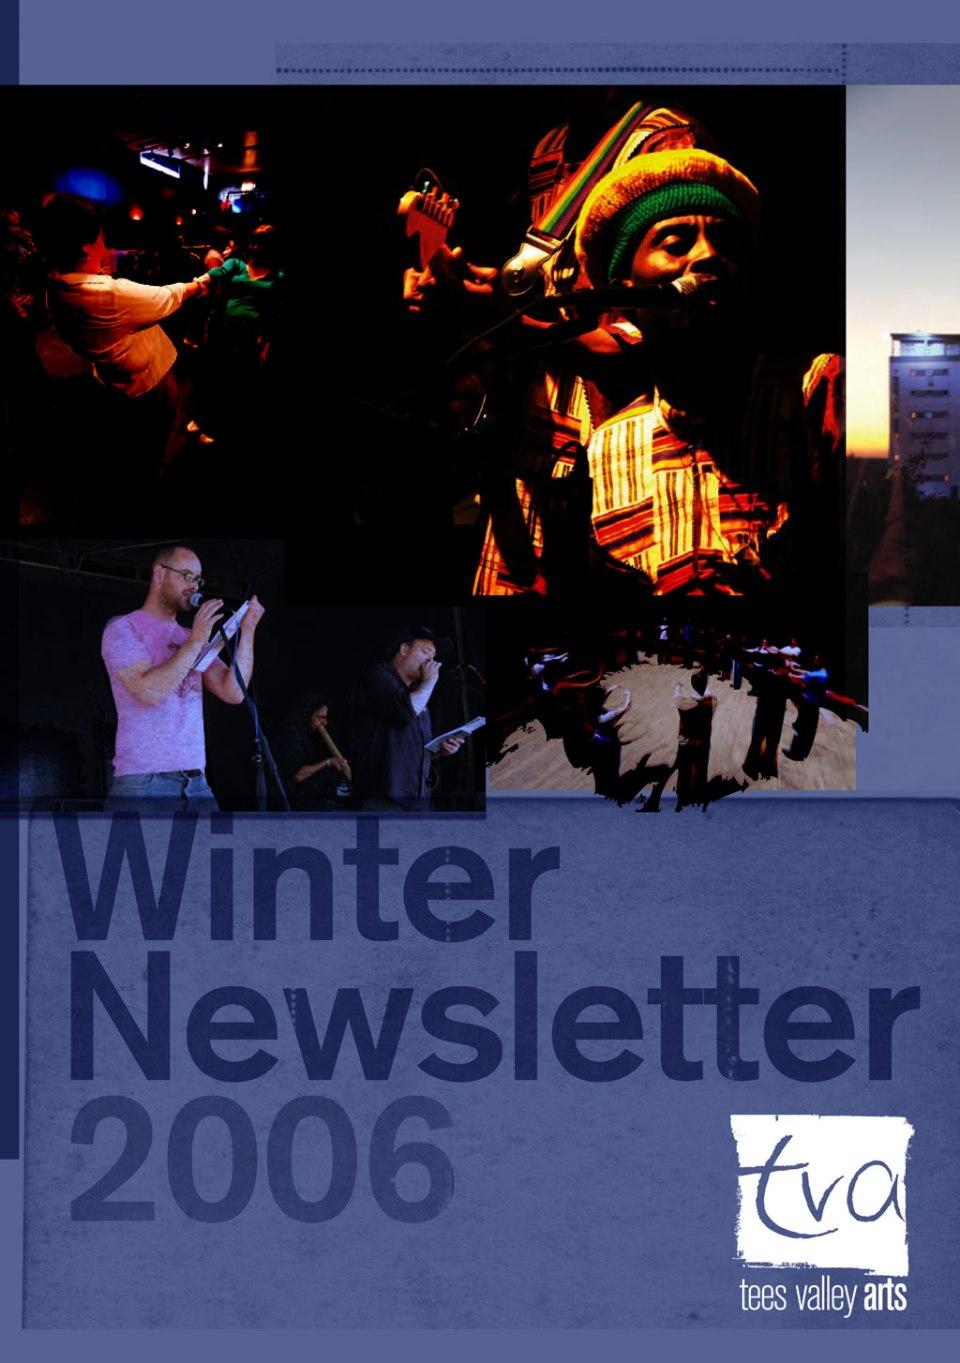 TVA Winter Newsletter 2006